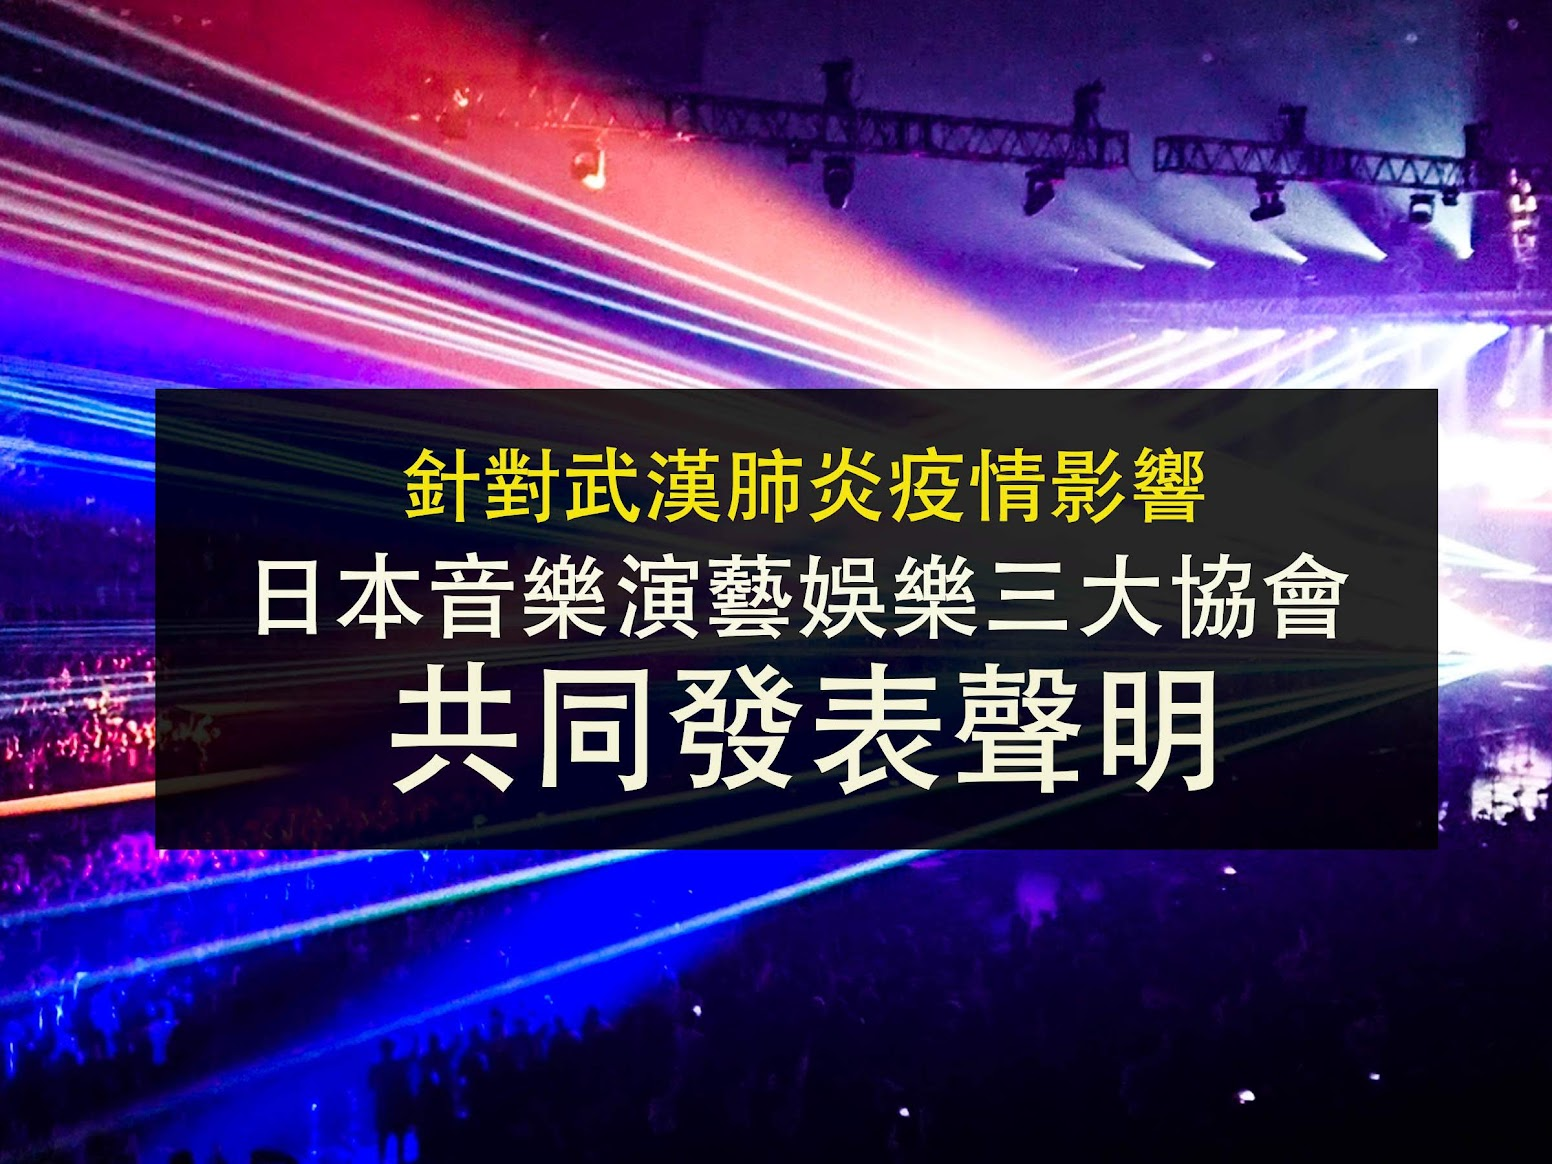 日本音樂演藝娛樂三大協會針對  武漢肺炎 (新型冠狀病毒)疫情影響 共同發表聲明